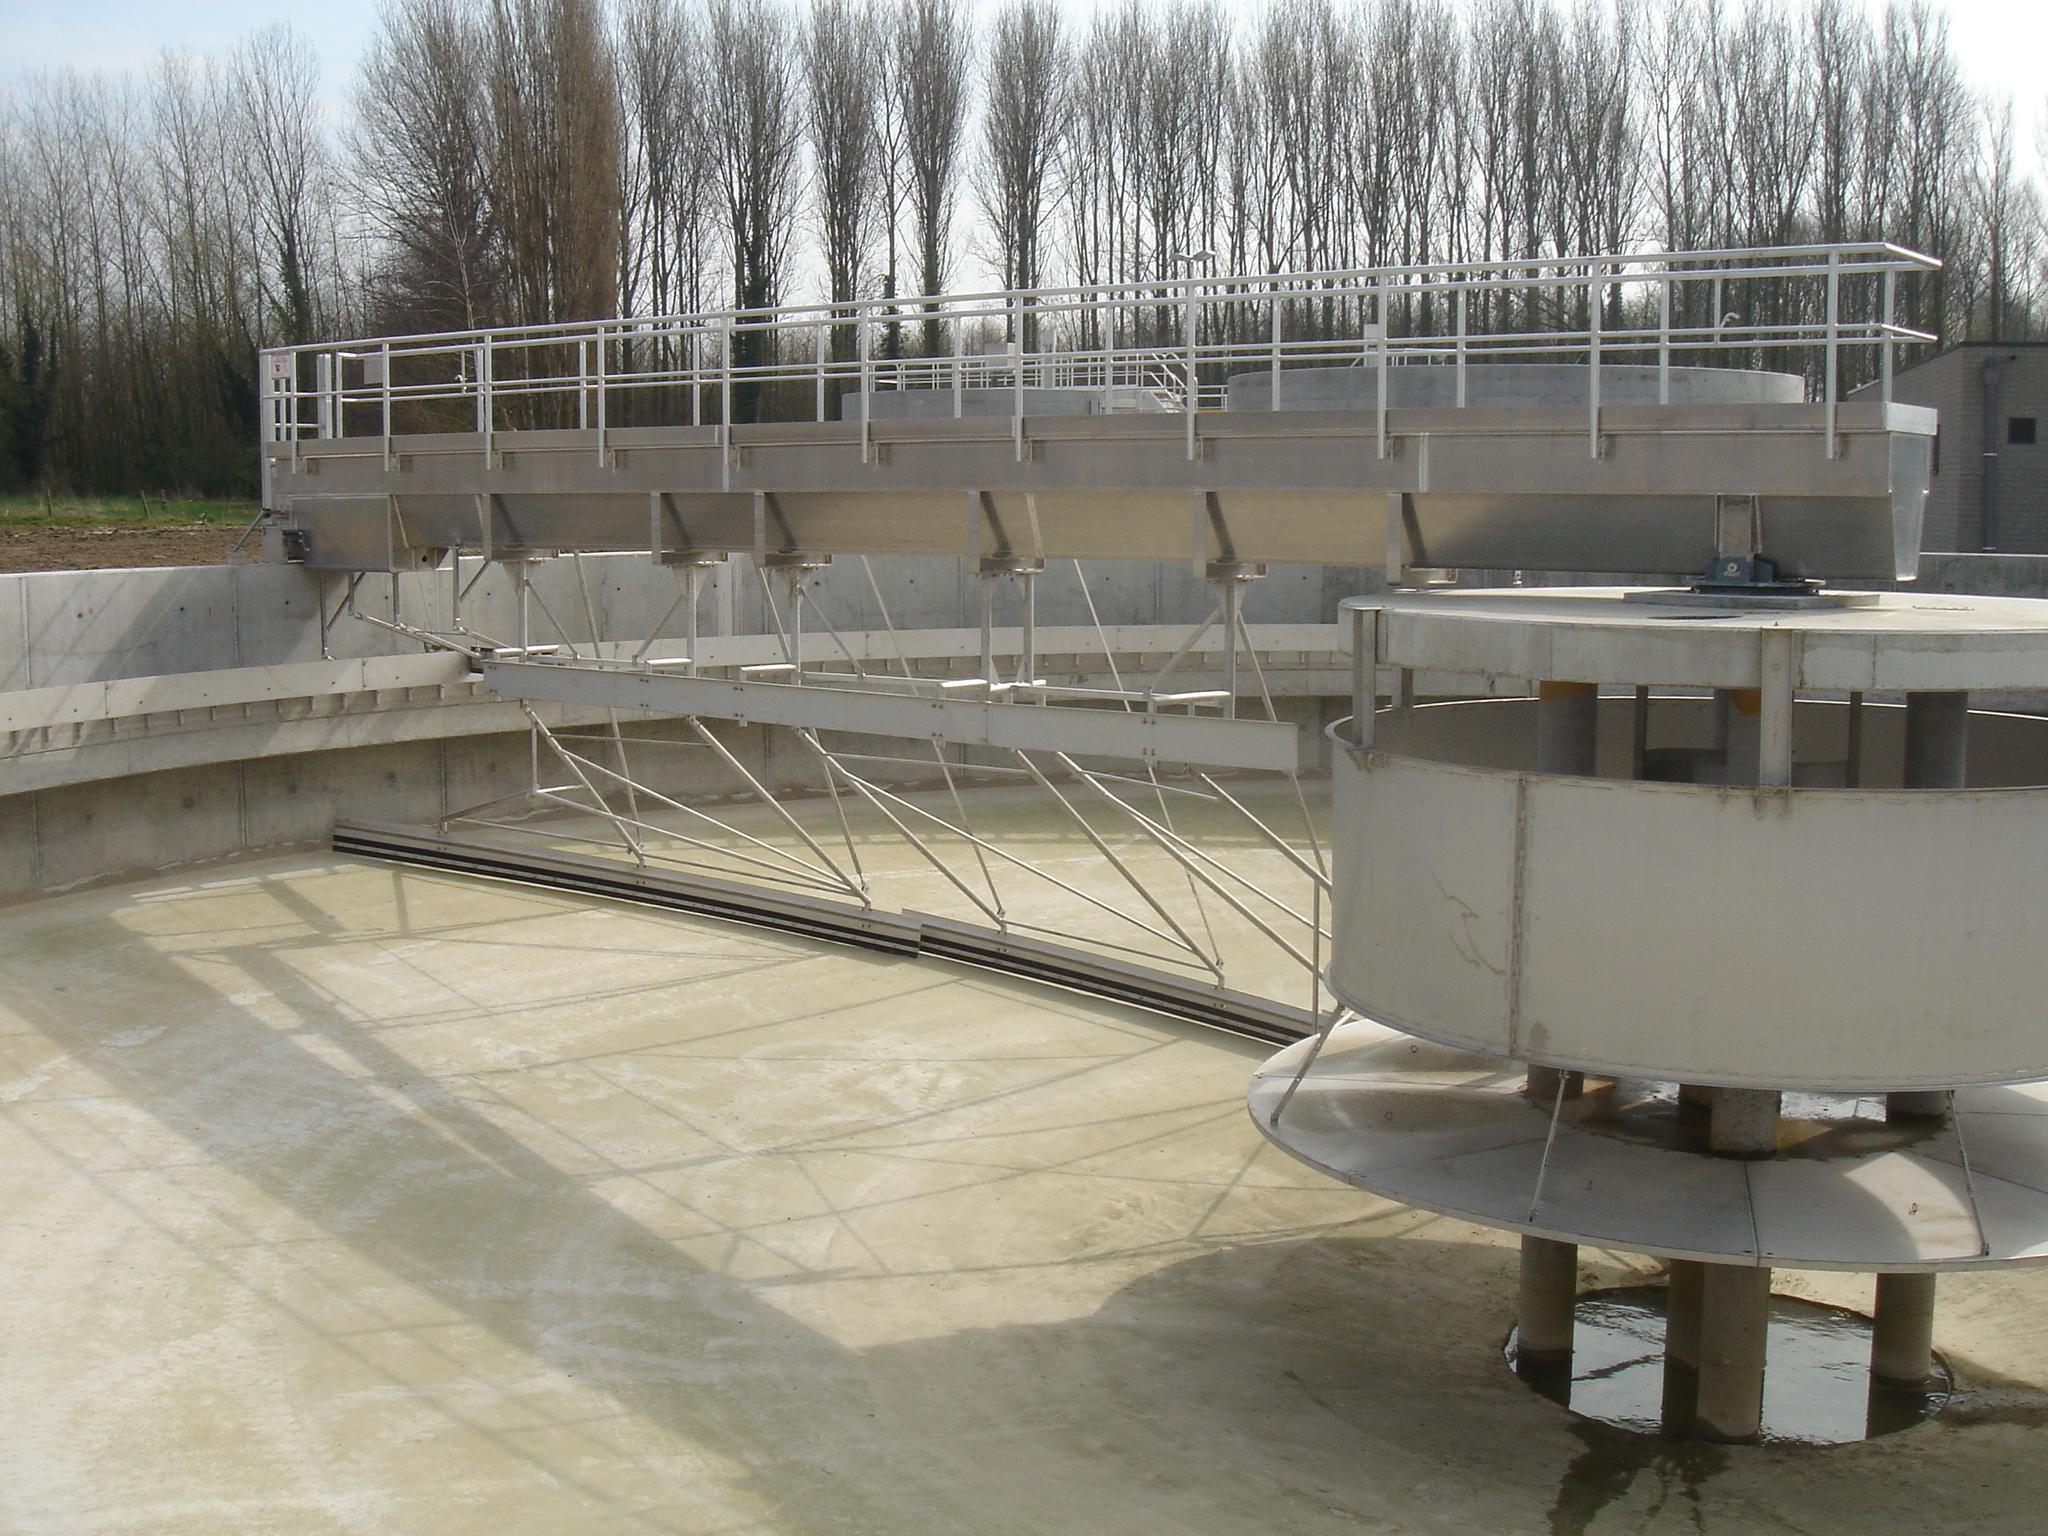 En stor maskin. I mitten är det en pelare med en lång arm på, som sträcker sig ut över en rund bassäng.